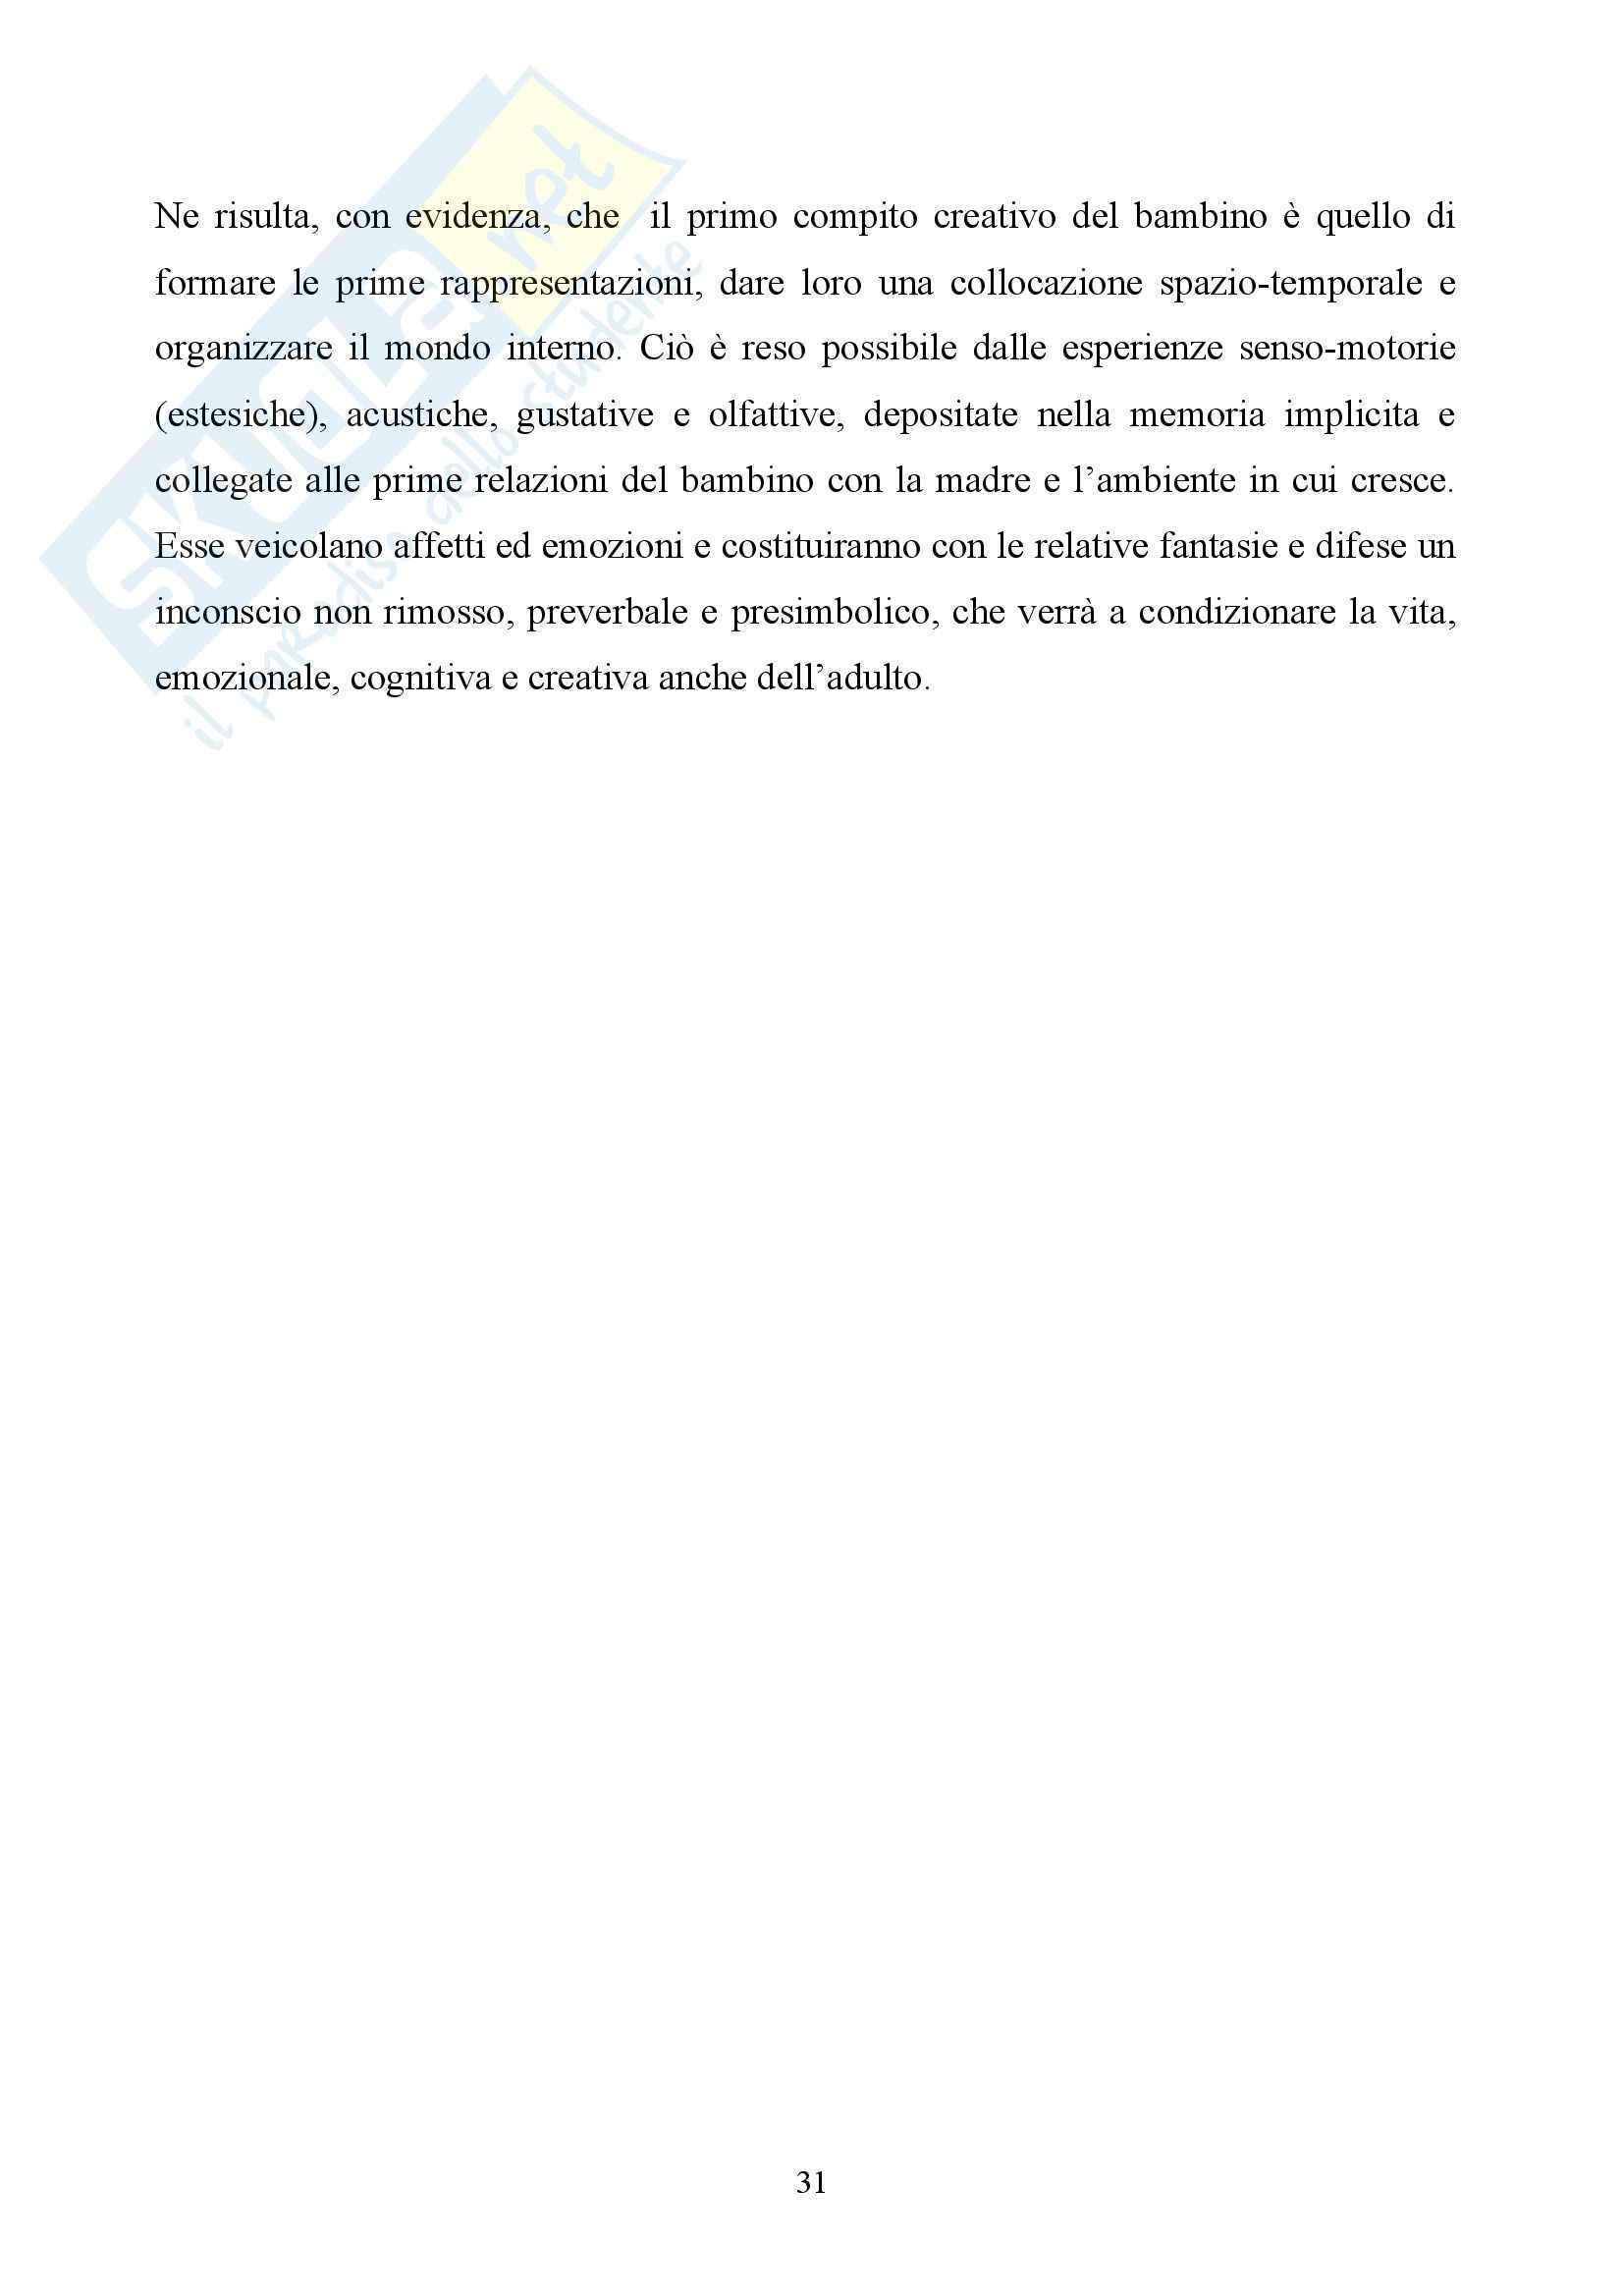 Laboratorio teoria delle emozioni - teorie delle emozioni Pag. 31